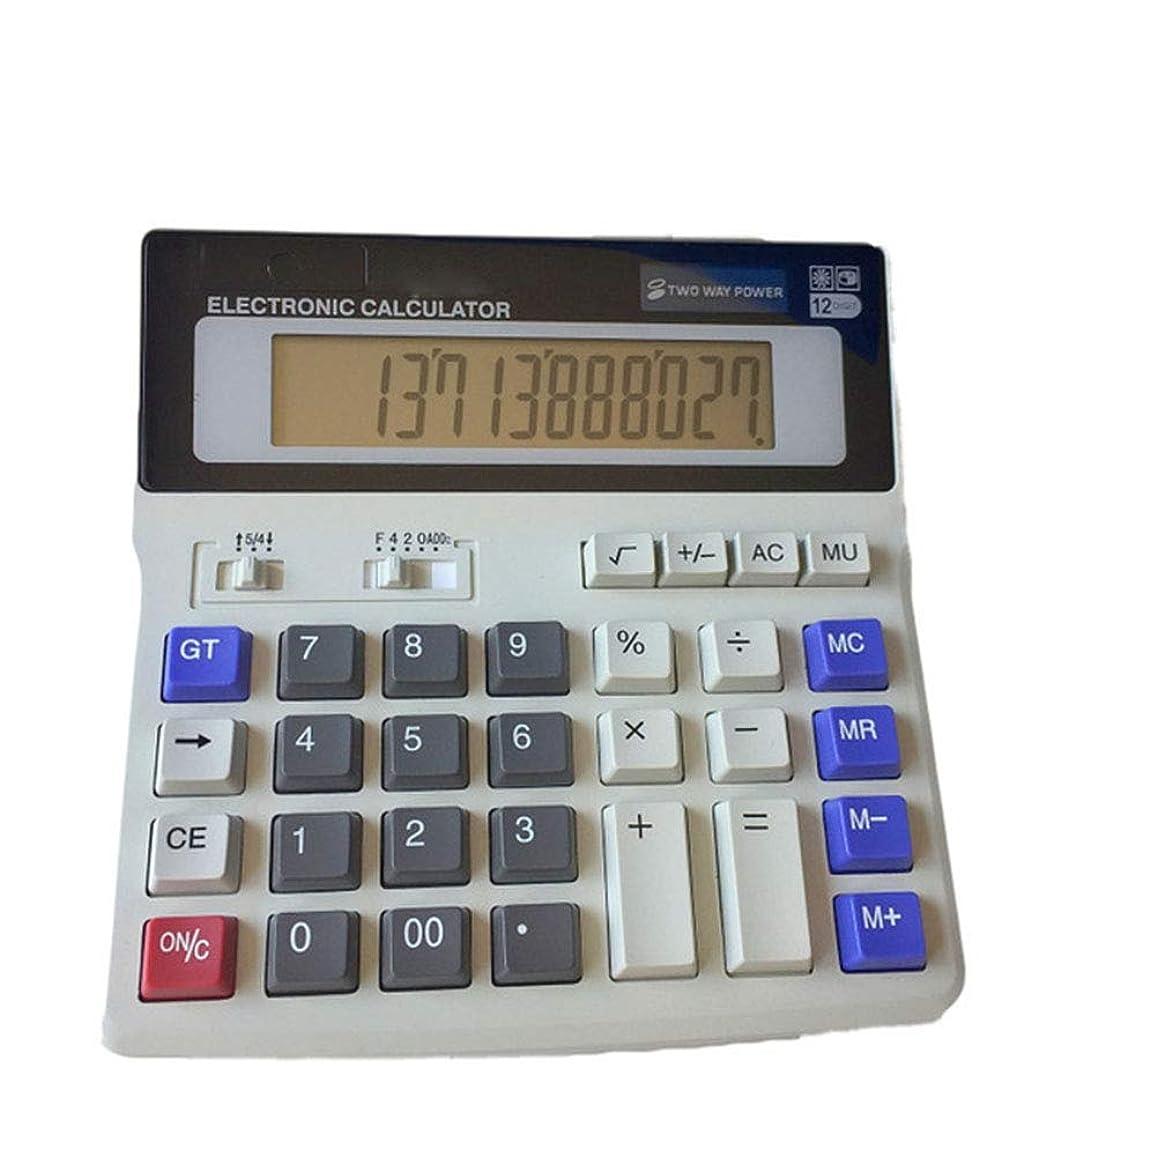 急流バイオリニスト飼いならす電卓 12桁 バッテリー デュアルパワー ハンドヘルド 電子 ビジネス ミニ ソーラー ベーシック デスクトップ 金融 科学的 オフィス 電卓 シンプルなデスク 電卓 大きなLCDディスプレイ付き